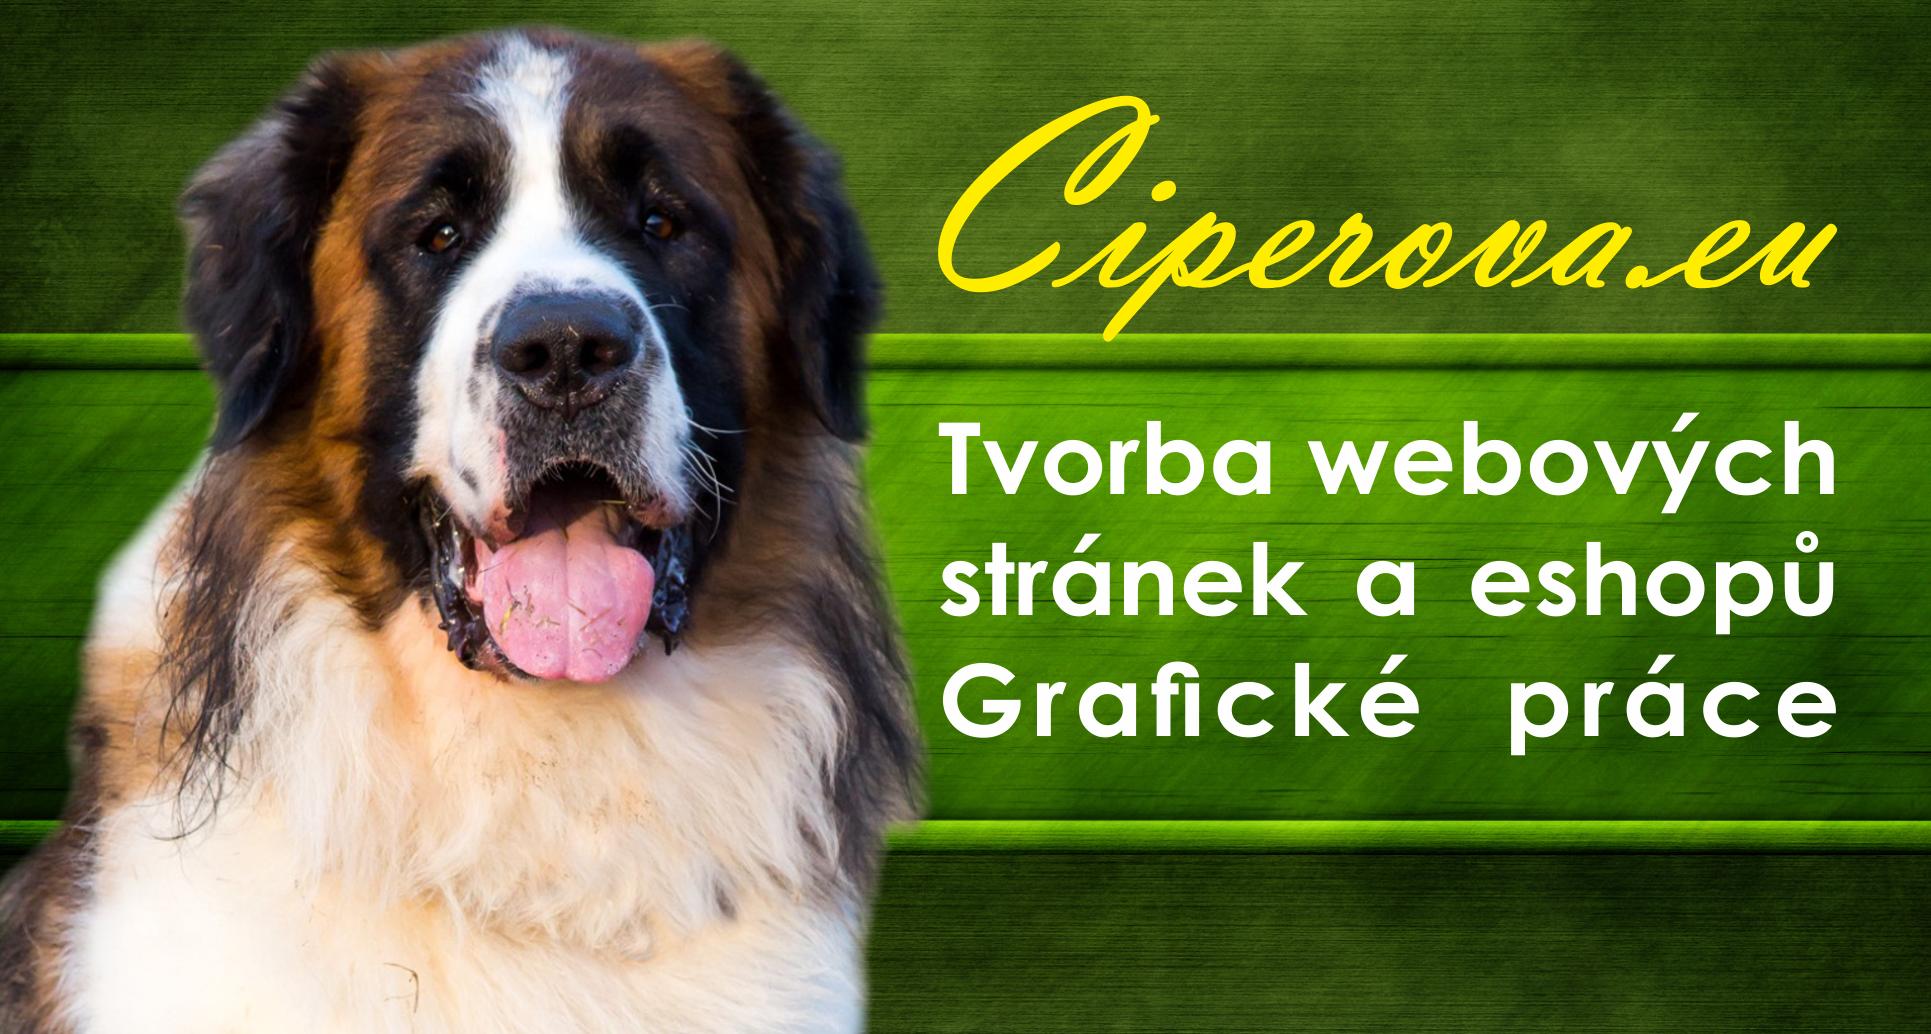 Tvorba webových stránek a eshopů - Ciperova.eu